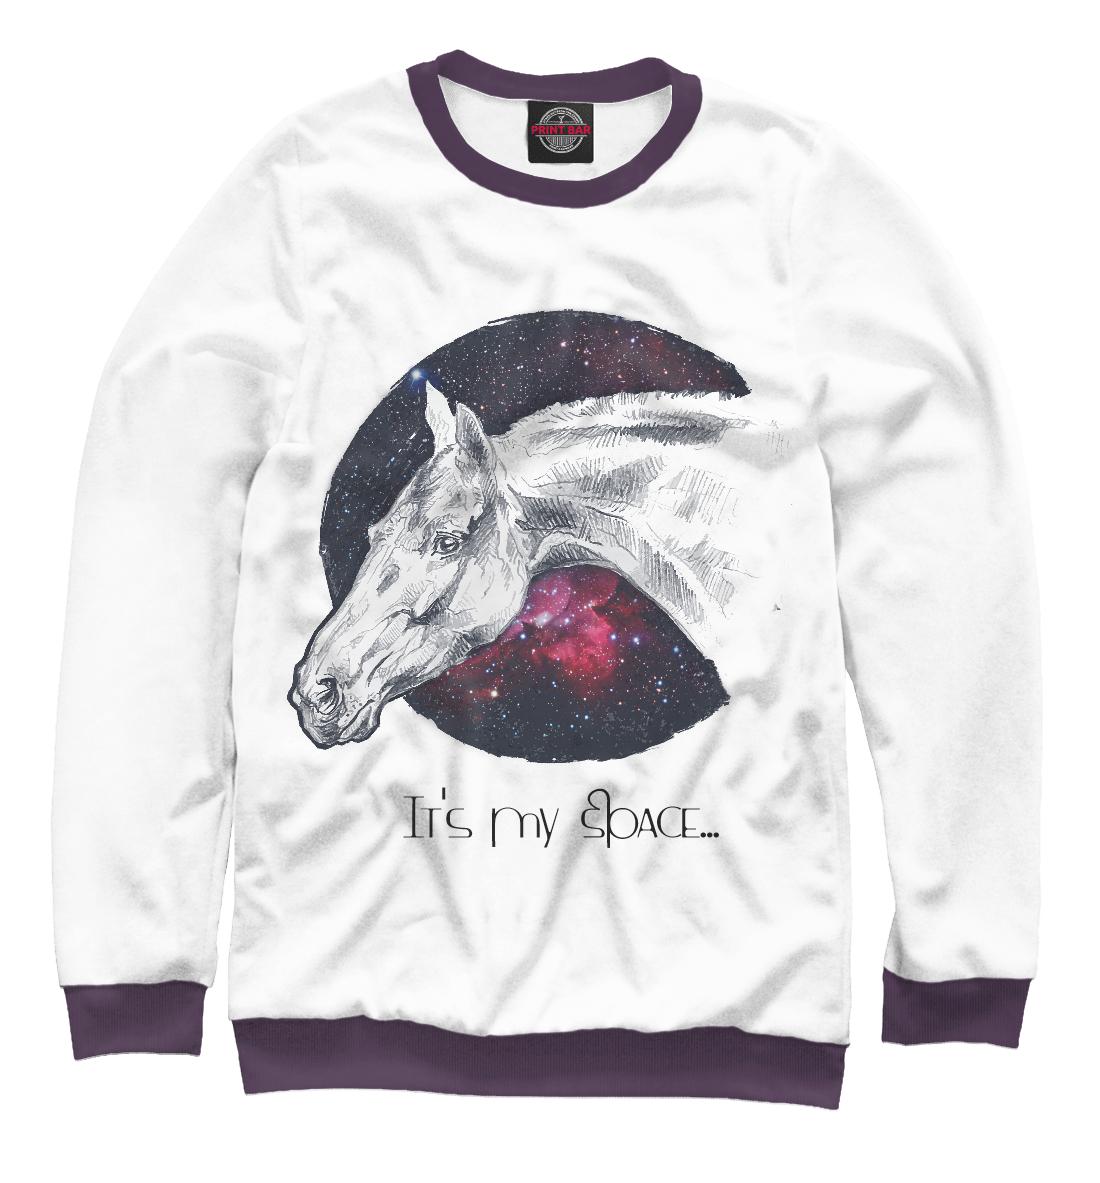 Купить Мой космос - лошади, Printbar, Свитшоты, LOS-994026-swi-2